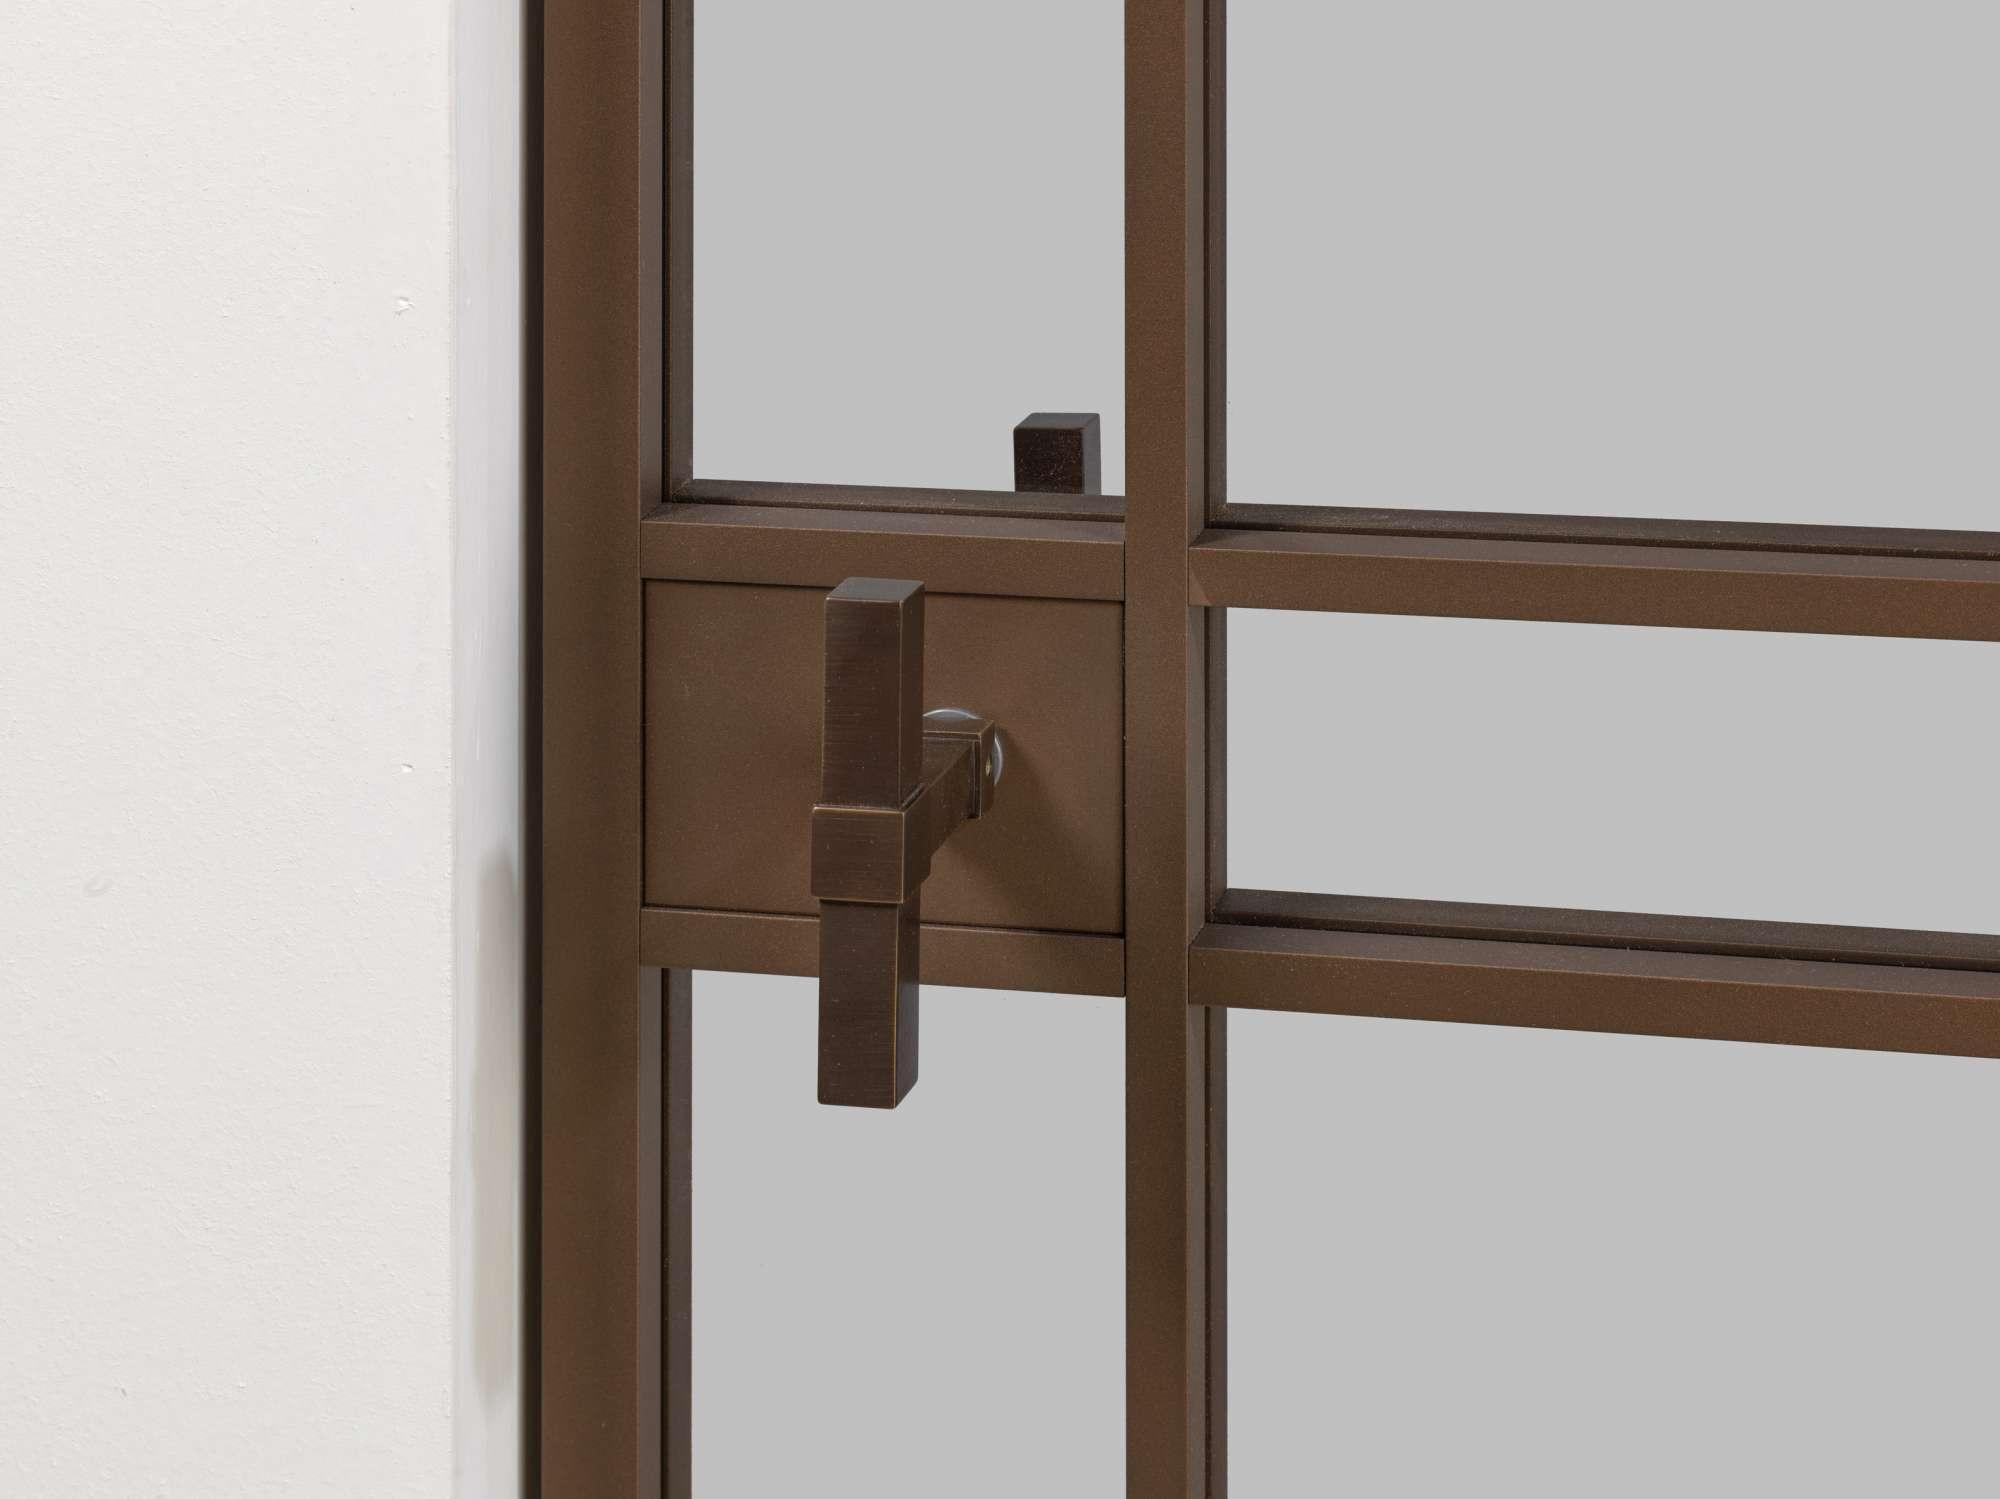 steellook-deurklink-brons